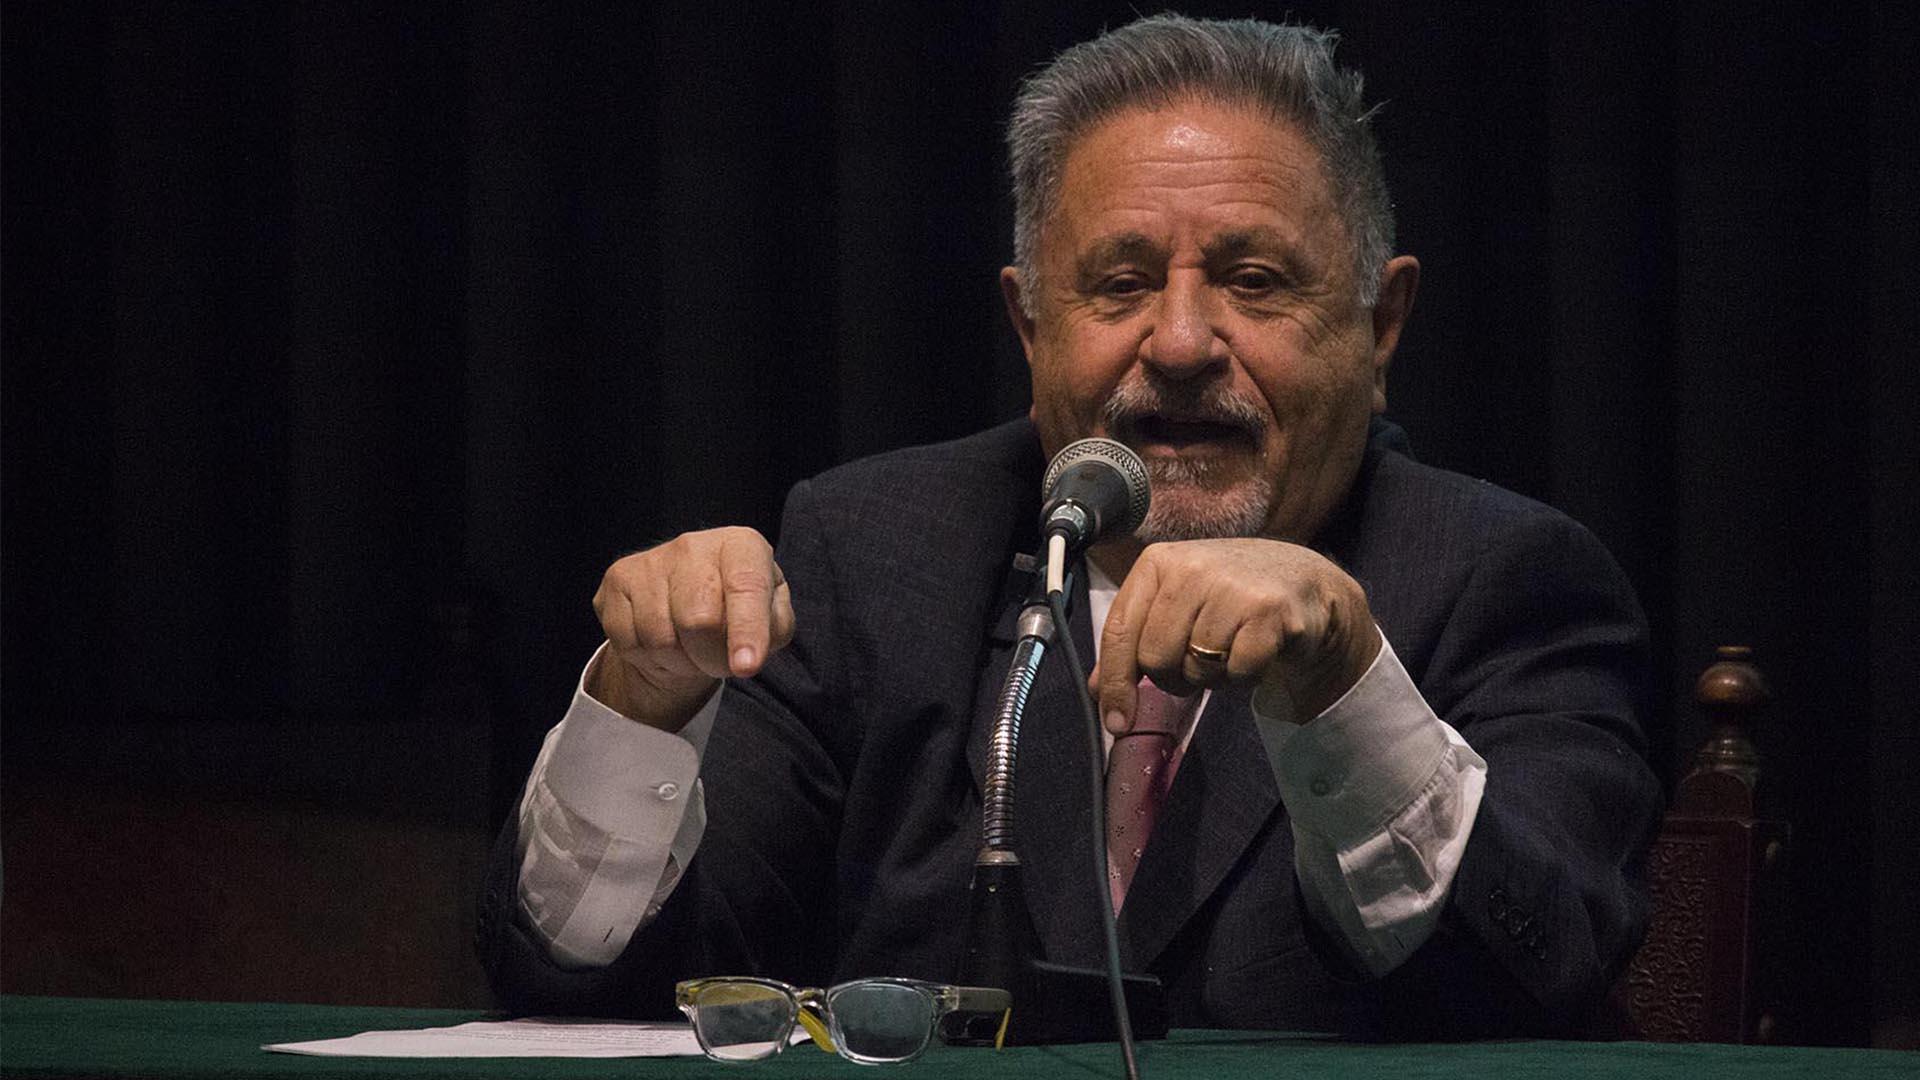 Eduardo Duhalde (Maria Eugenia Salgado)